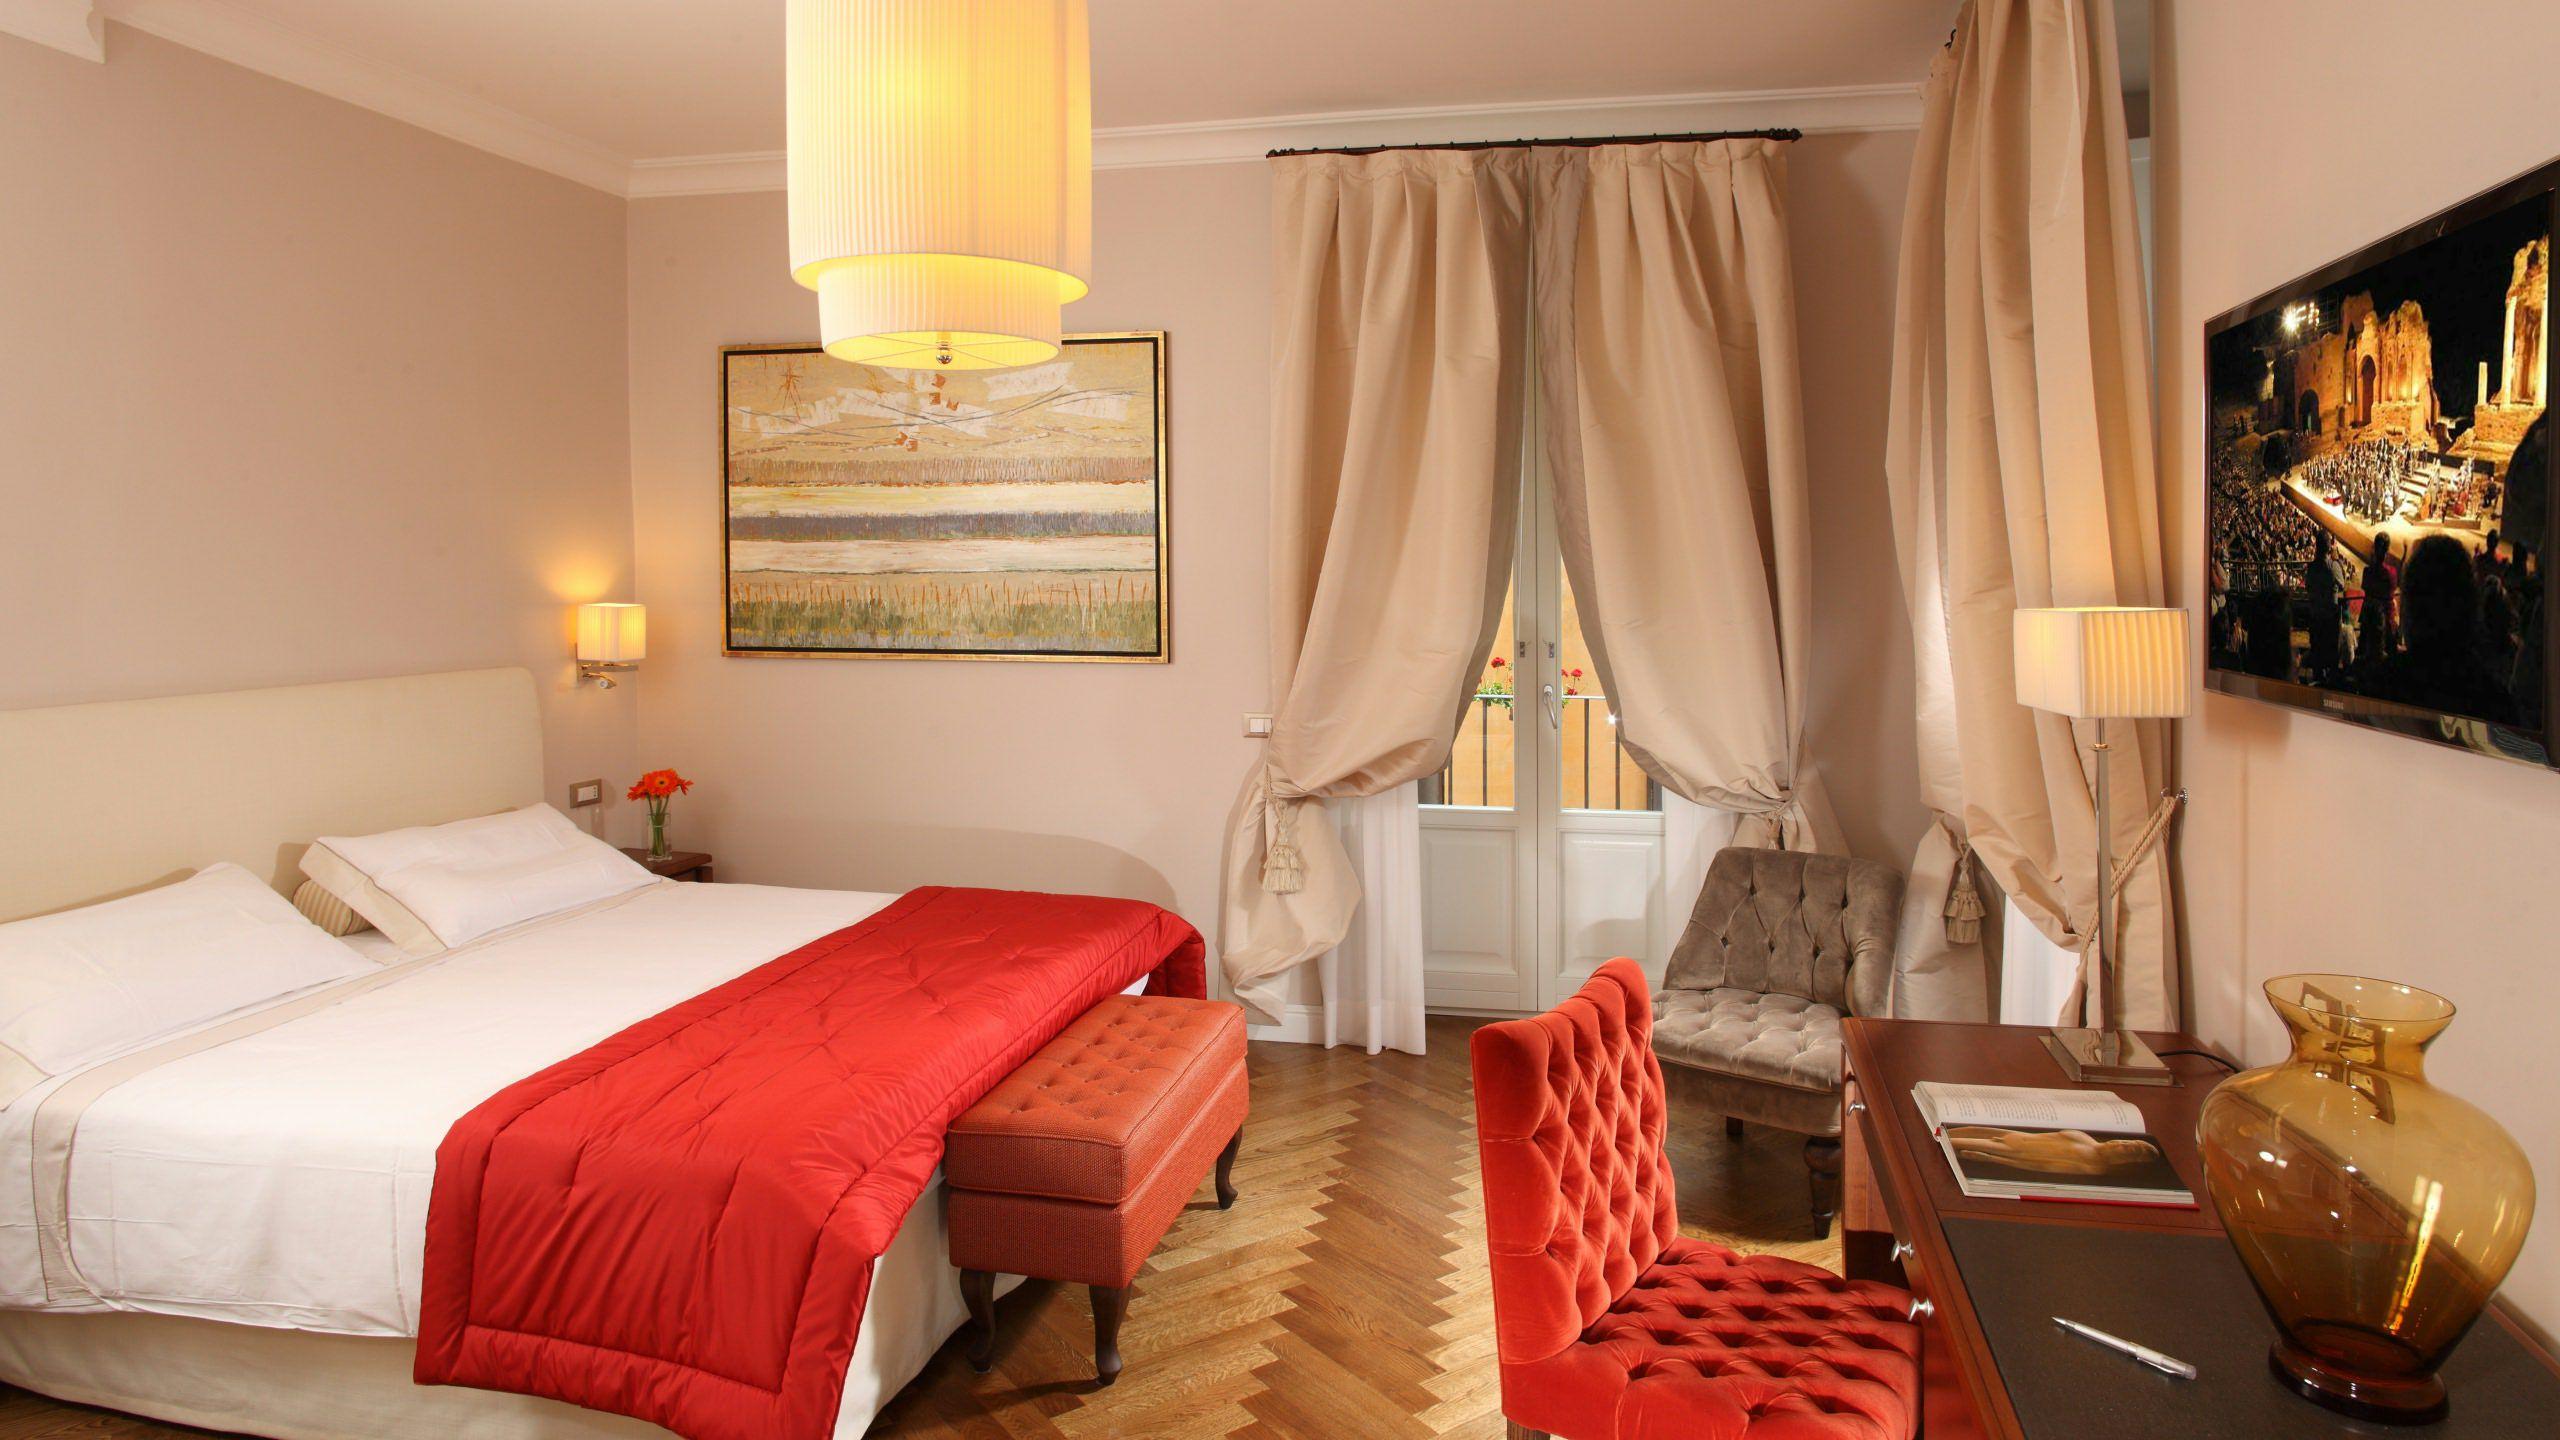 Vivaldi-Hôtel-Rome-Chambre-elegance-13